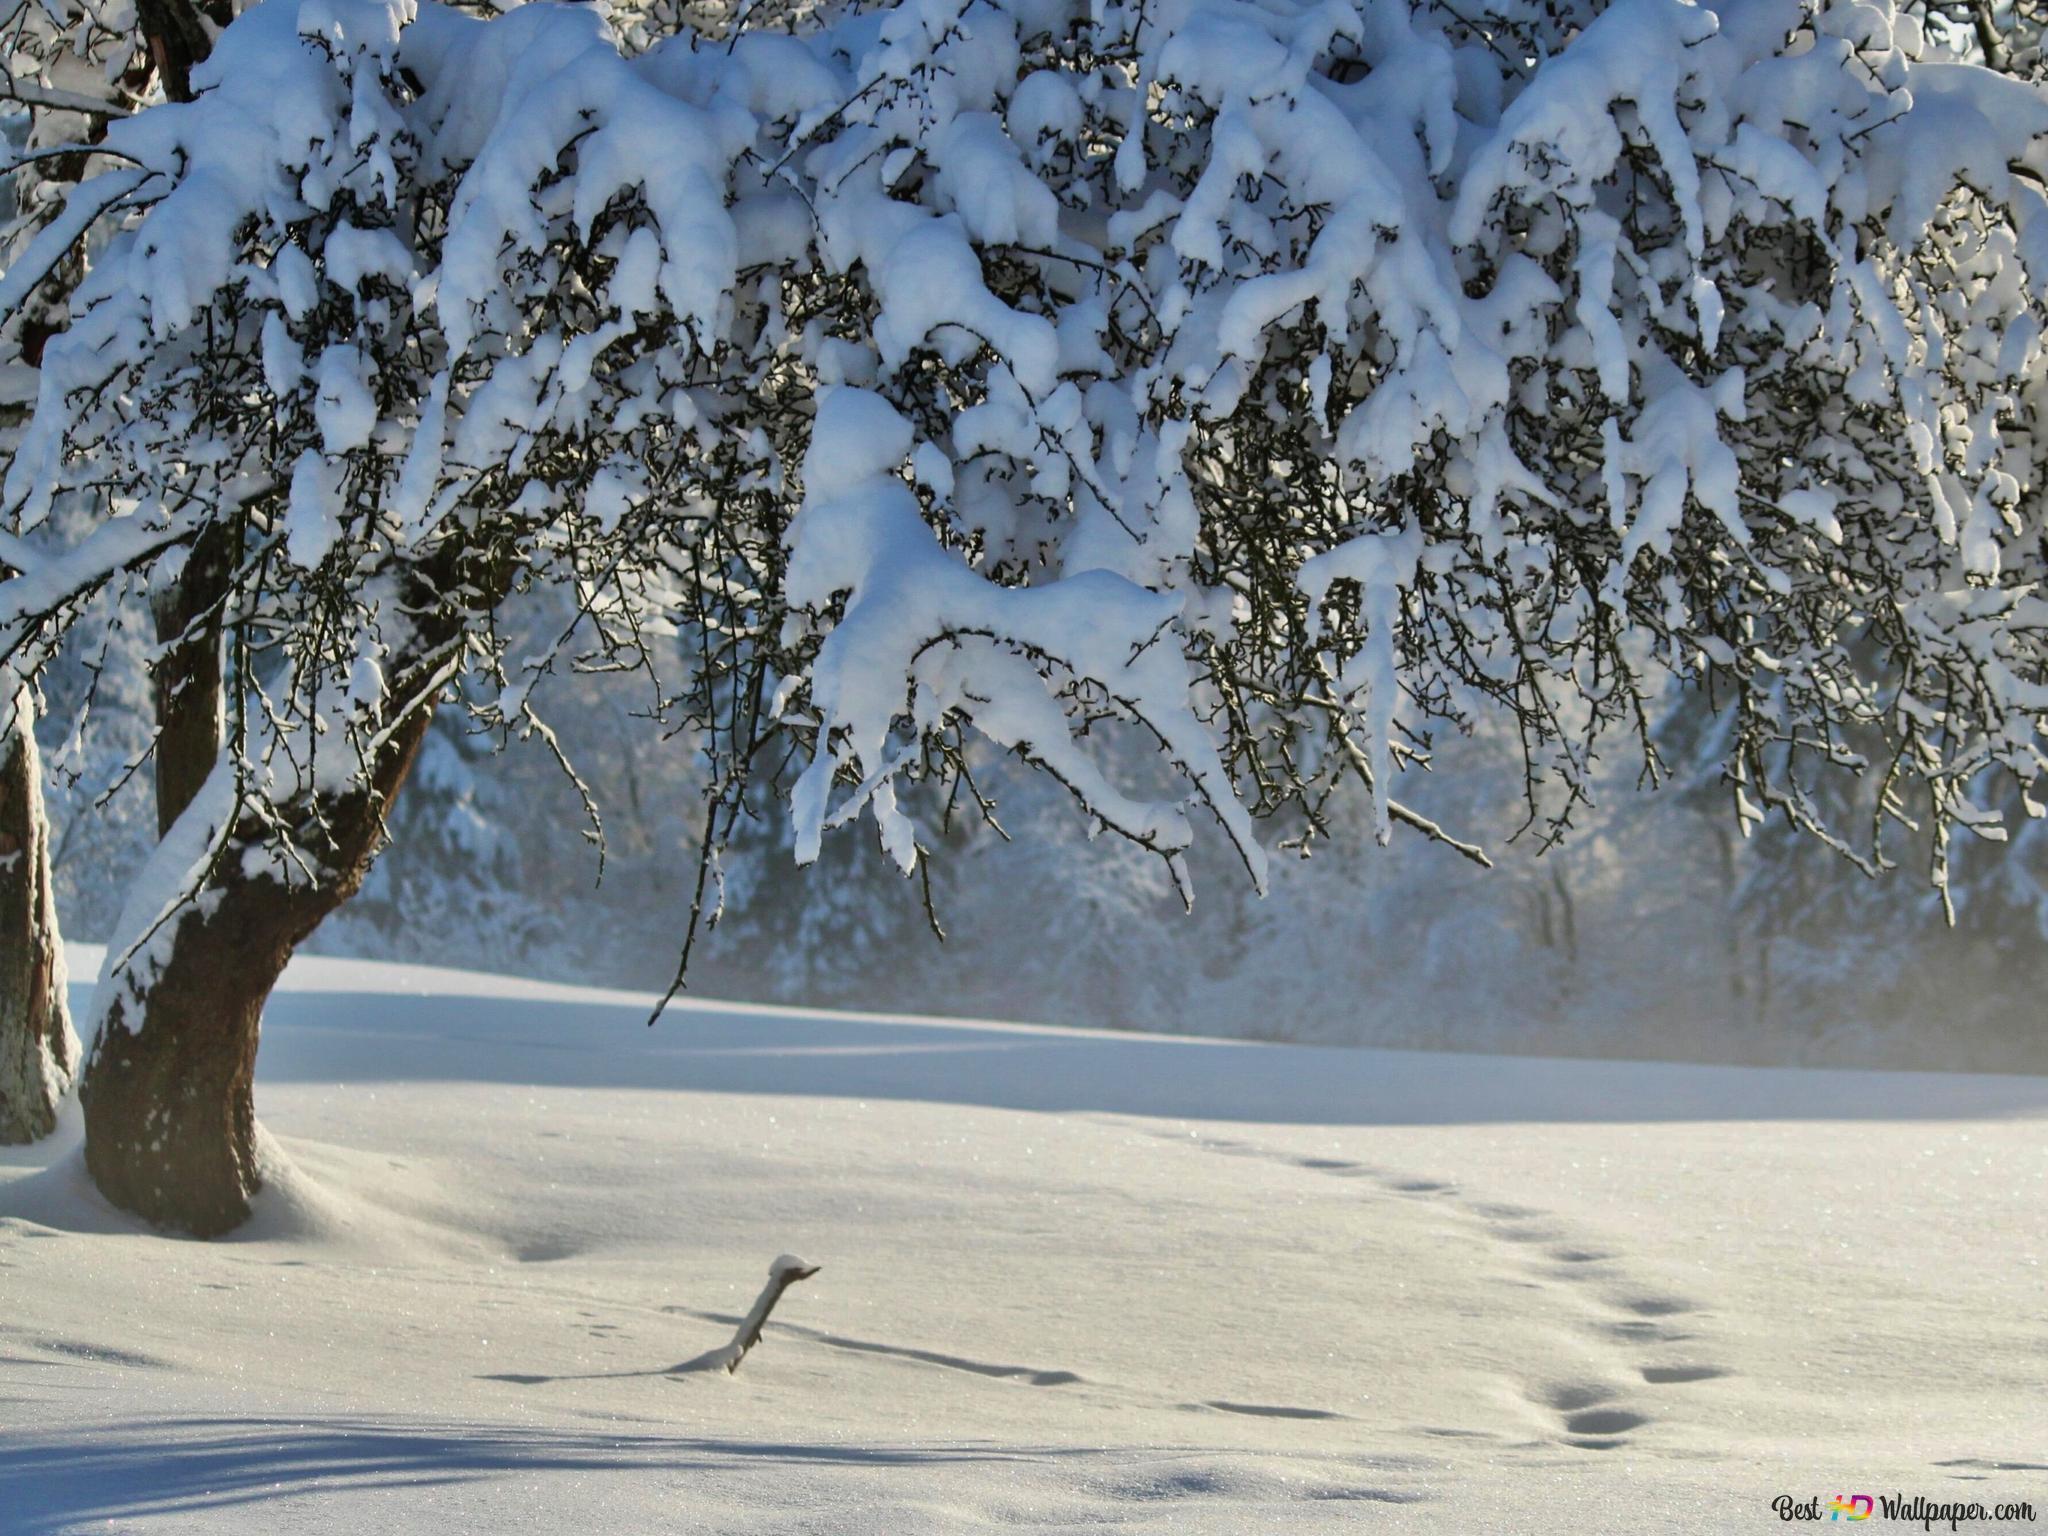 雪に覆われた冬の木 Hd壁紙のダウンロード